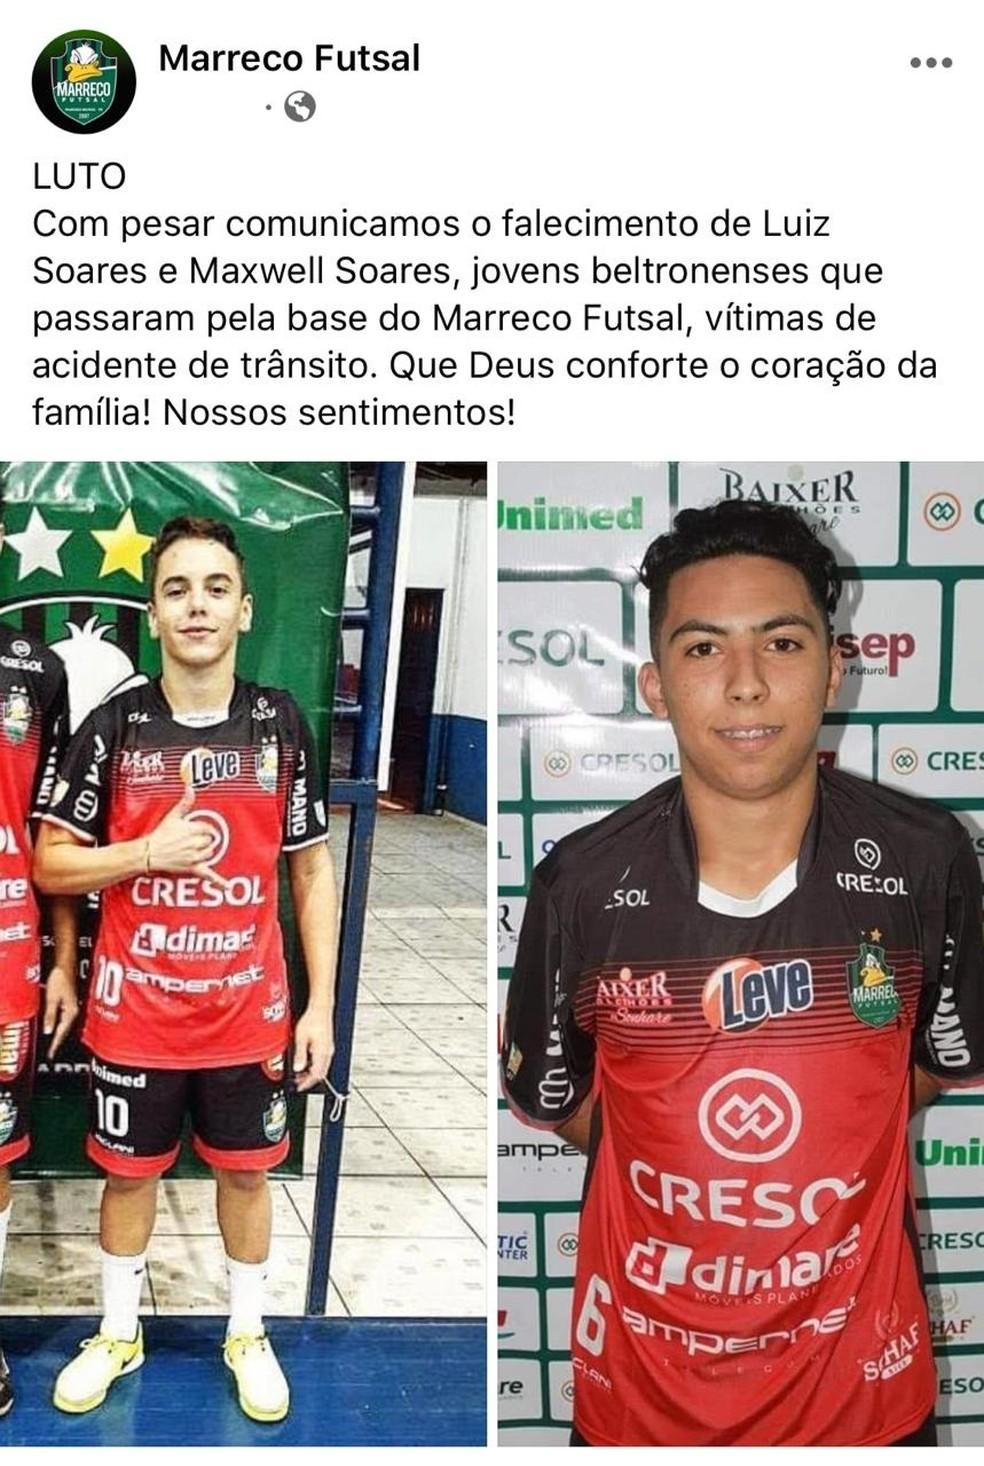 Marreco Futsal lamentou a morte dos dois ex-jogadores, vítimas de um acidente em Francisco Beltrão — Foto: Reprodução/Facebook